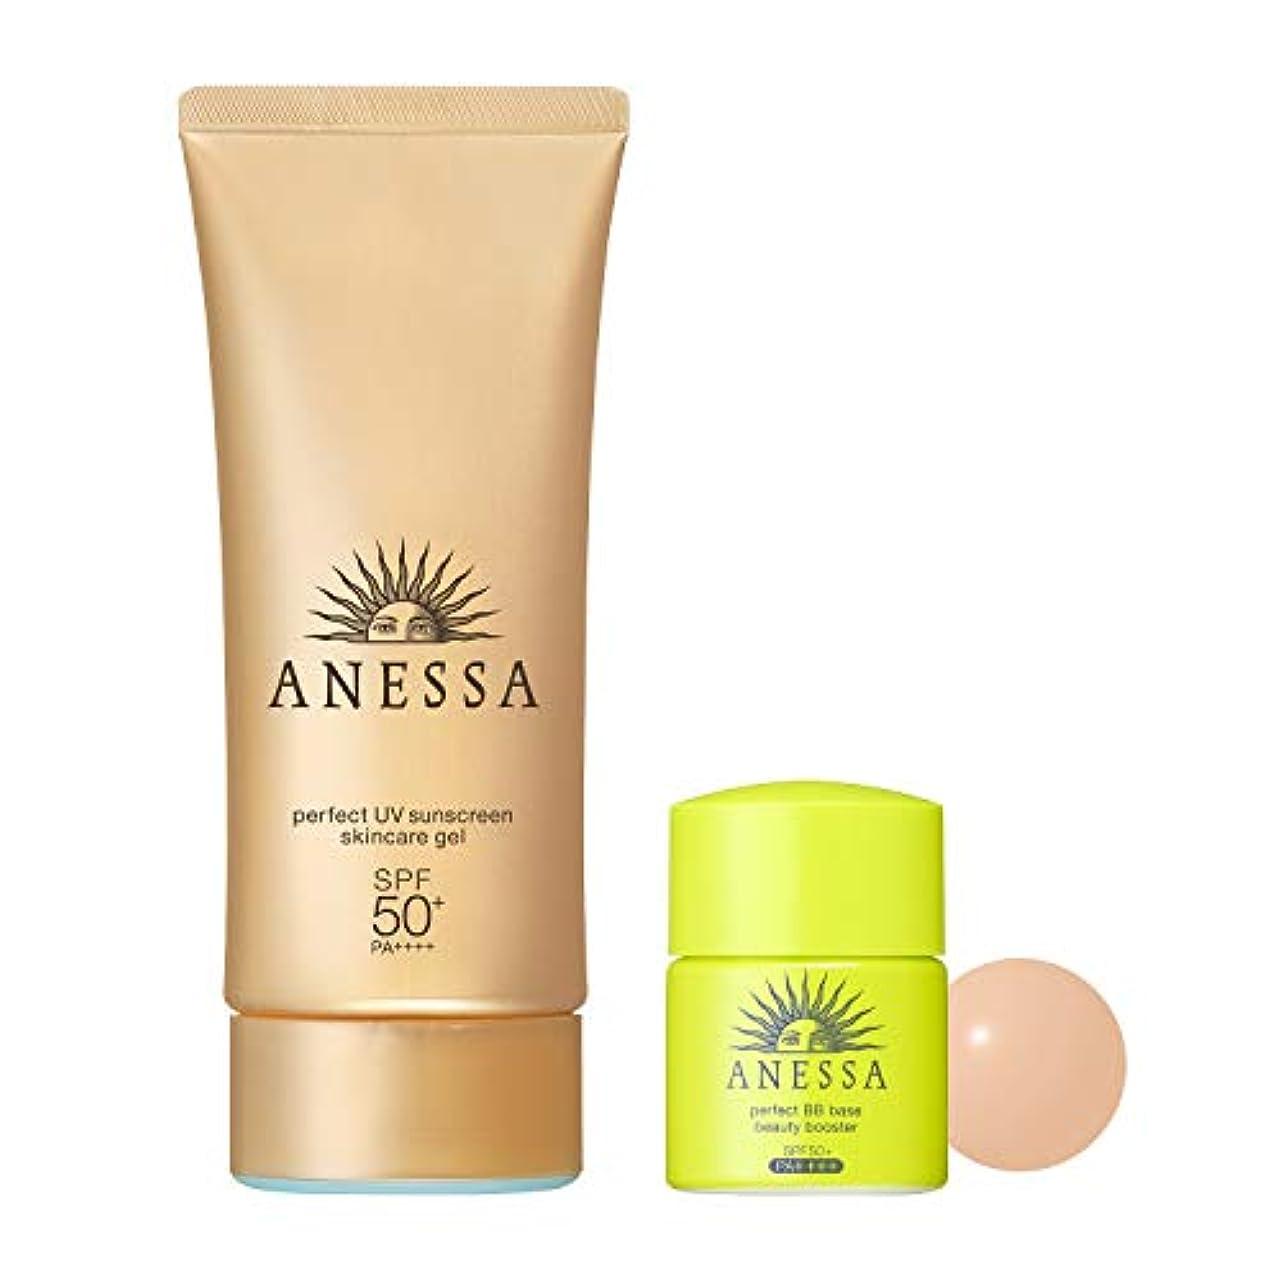 議論するお香苦情文句ANESSA(アネッサ) アネッサ パーフェクトUV スキンケアジェル トライアルセット SPF50+/PA++++ 90g + セット品